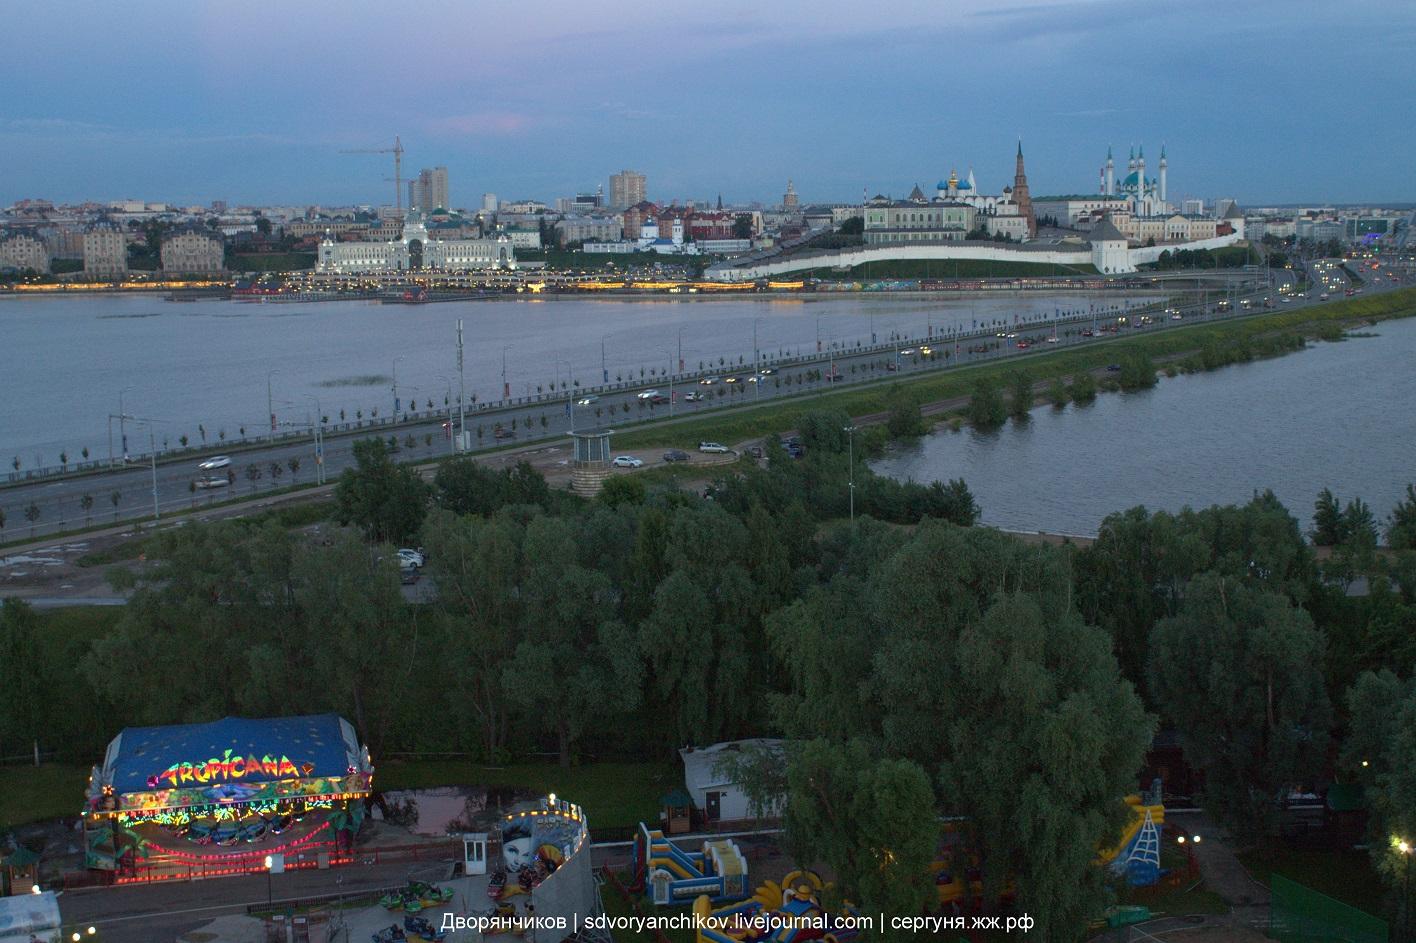 Казань - 23 июня 2017